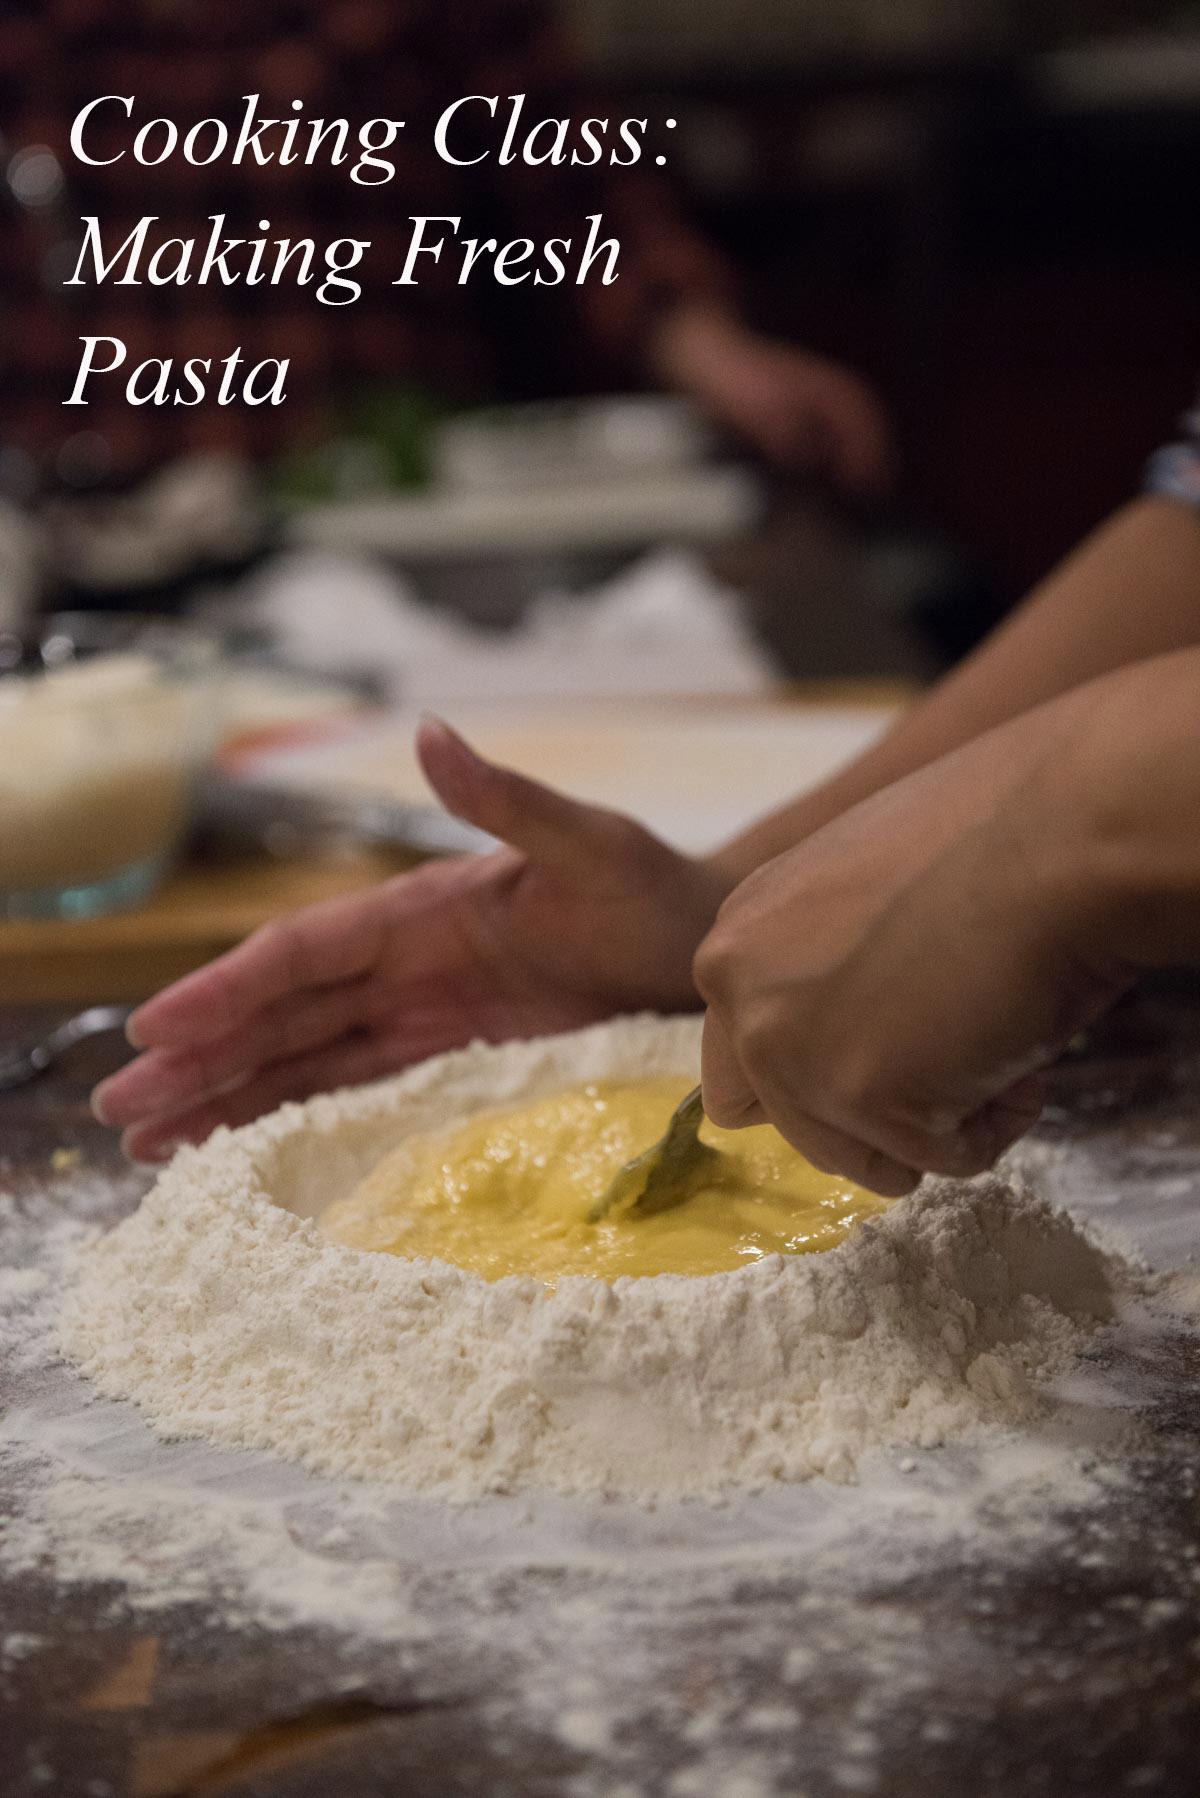 Cooking Class4.jpg